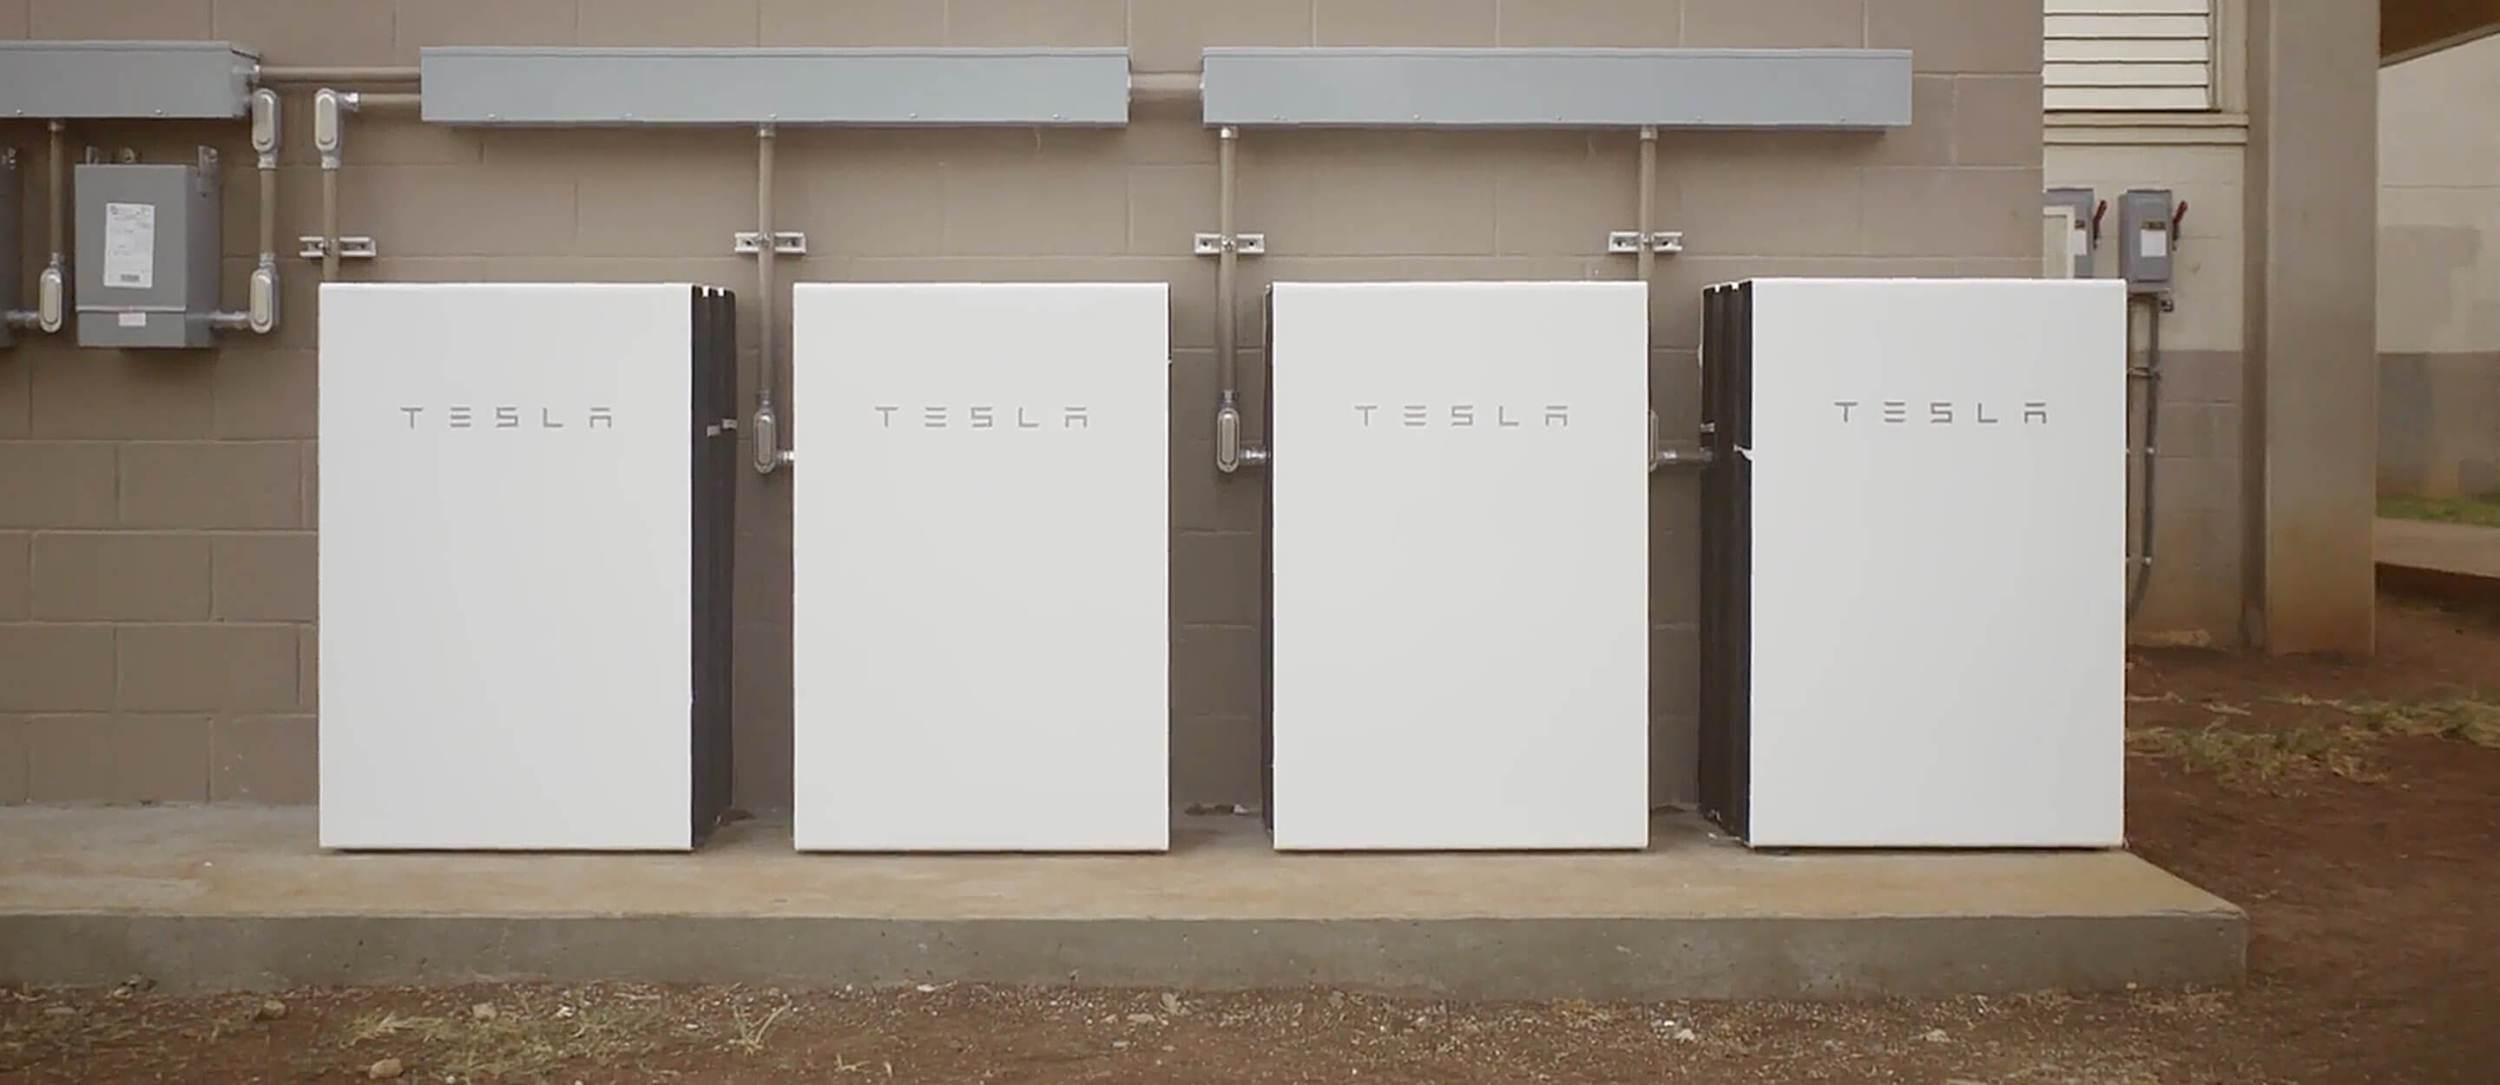 Tesla Powerwall Hawaii